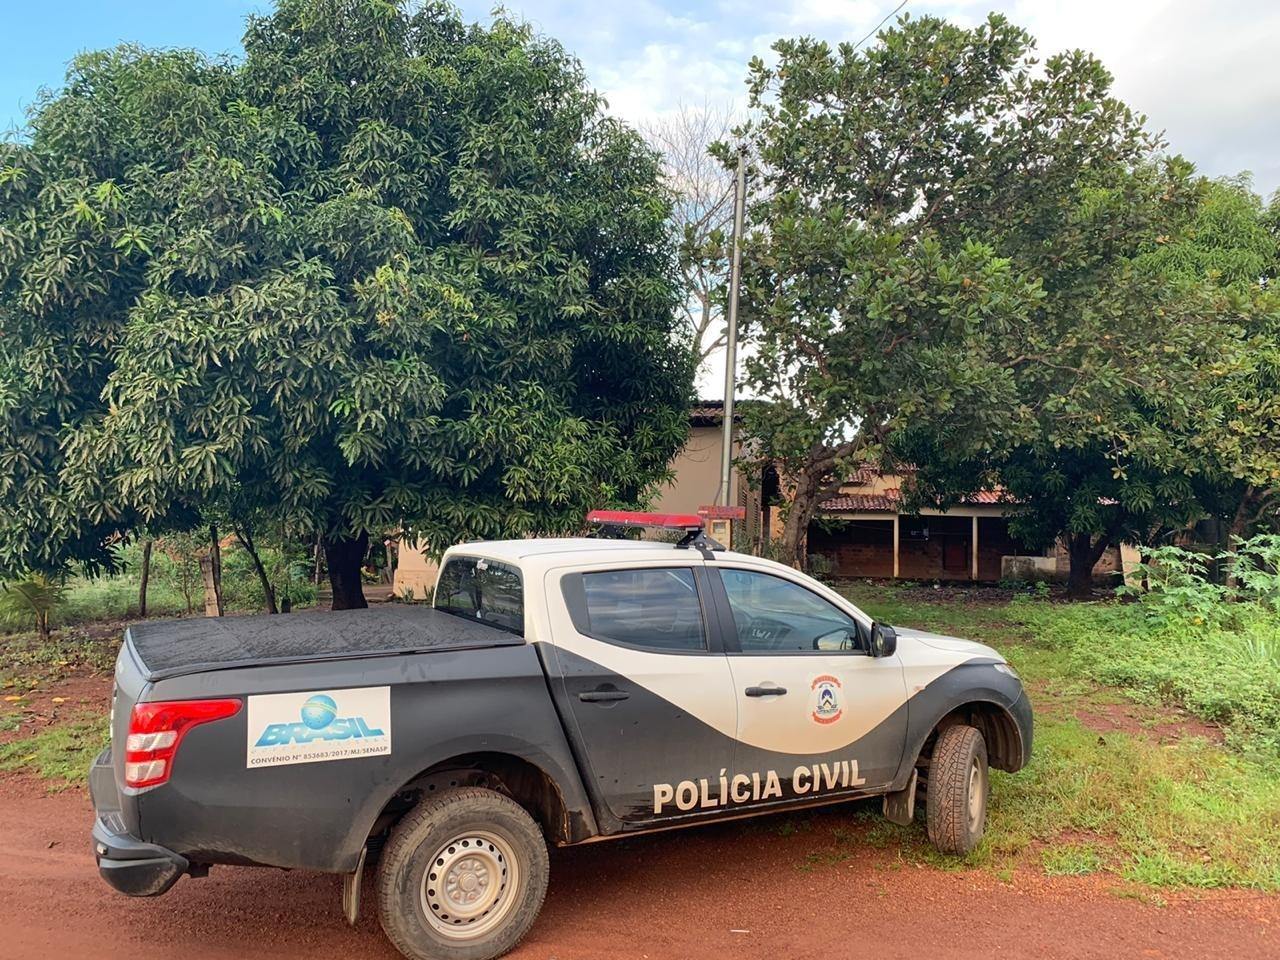 Polícia Civil do Tocantins deflagra Operação Marias em combate à violência contra a mulher